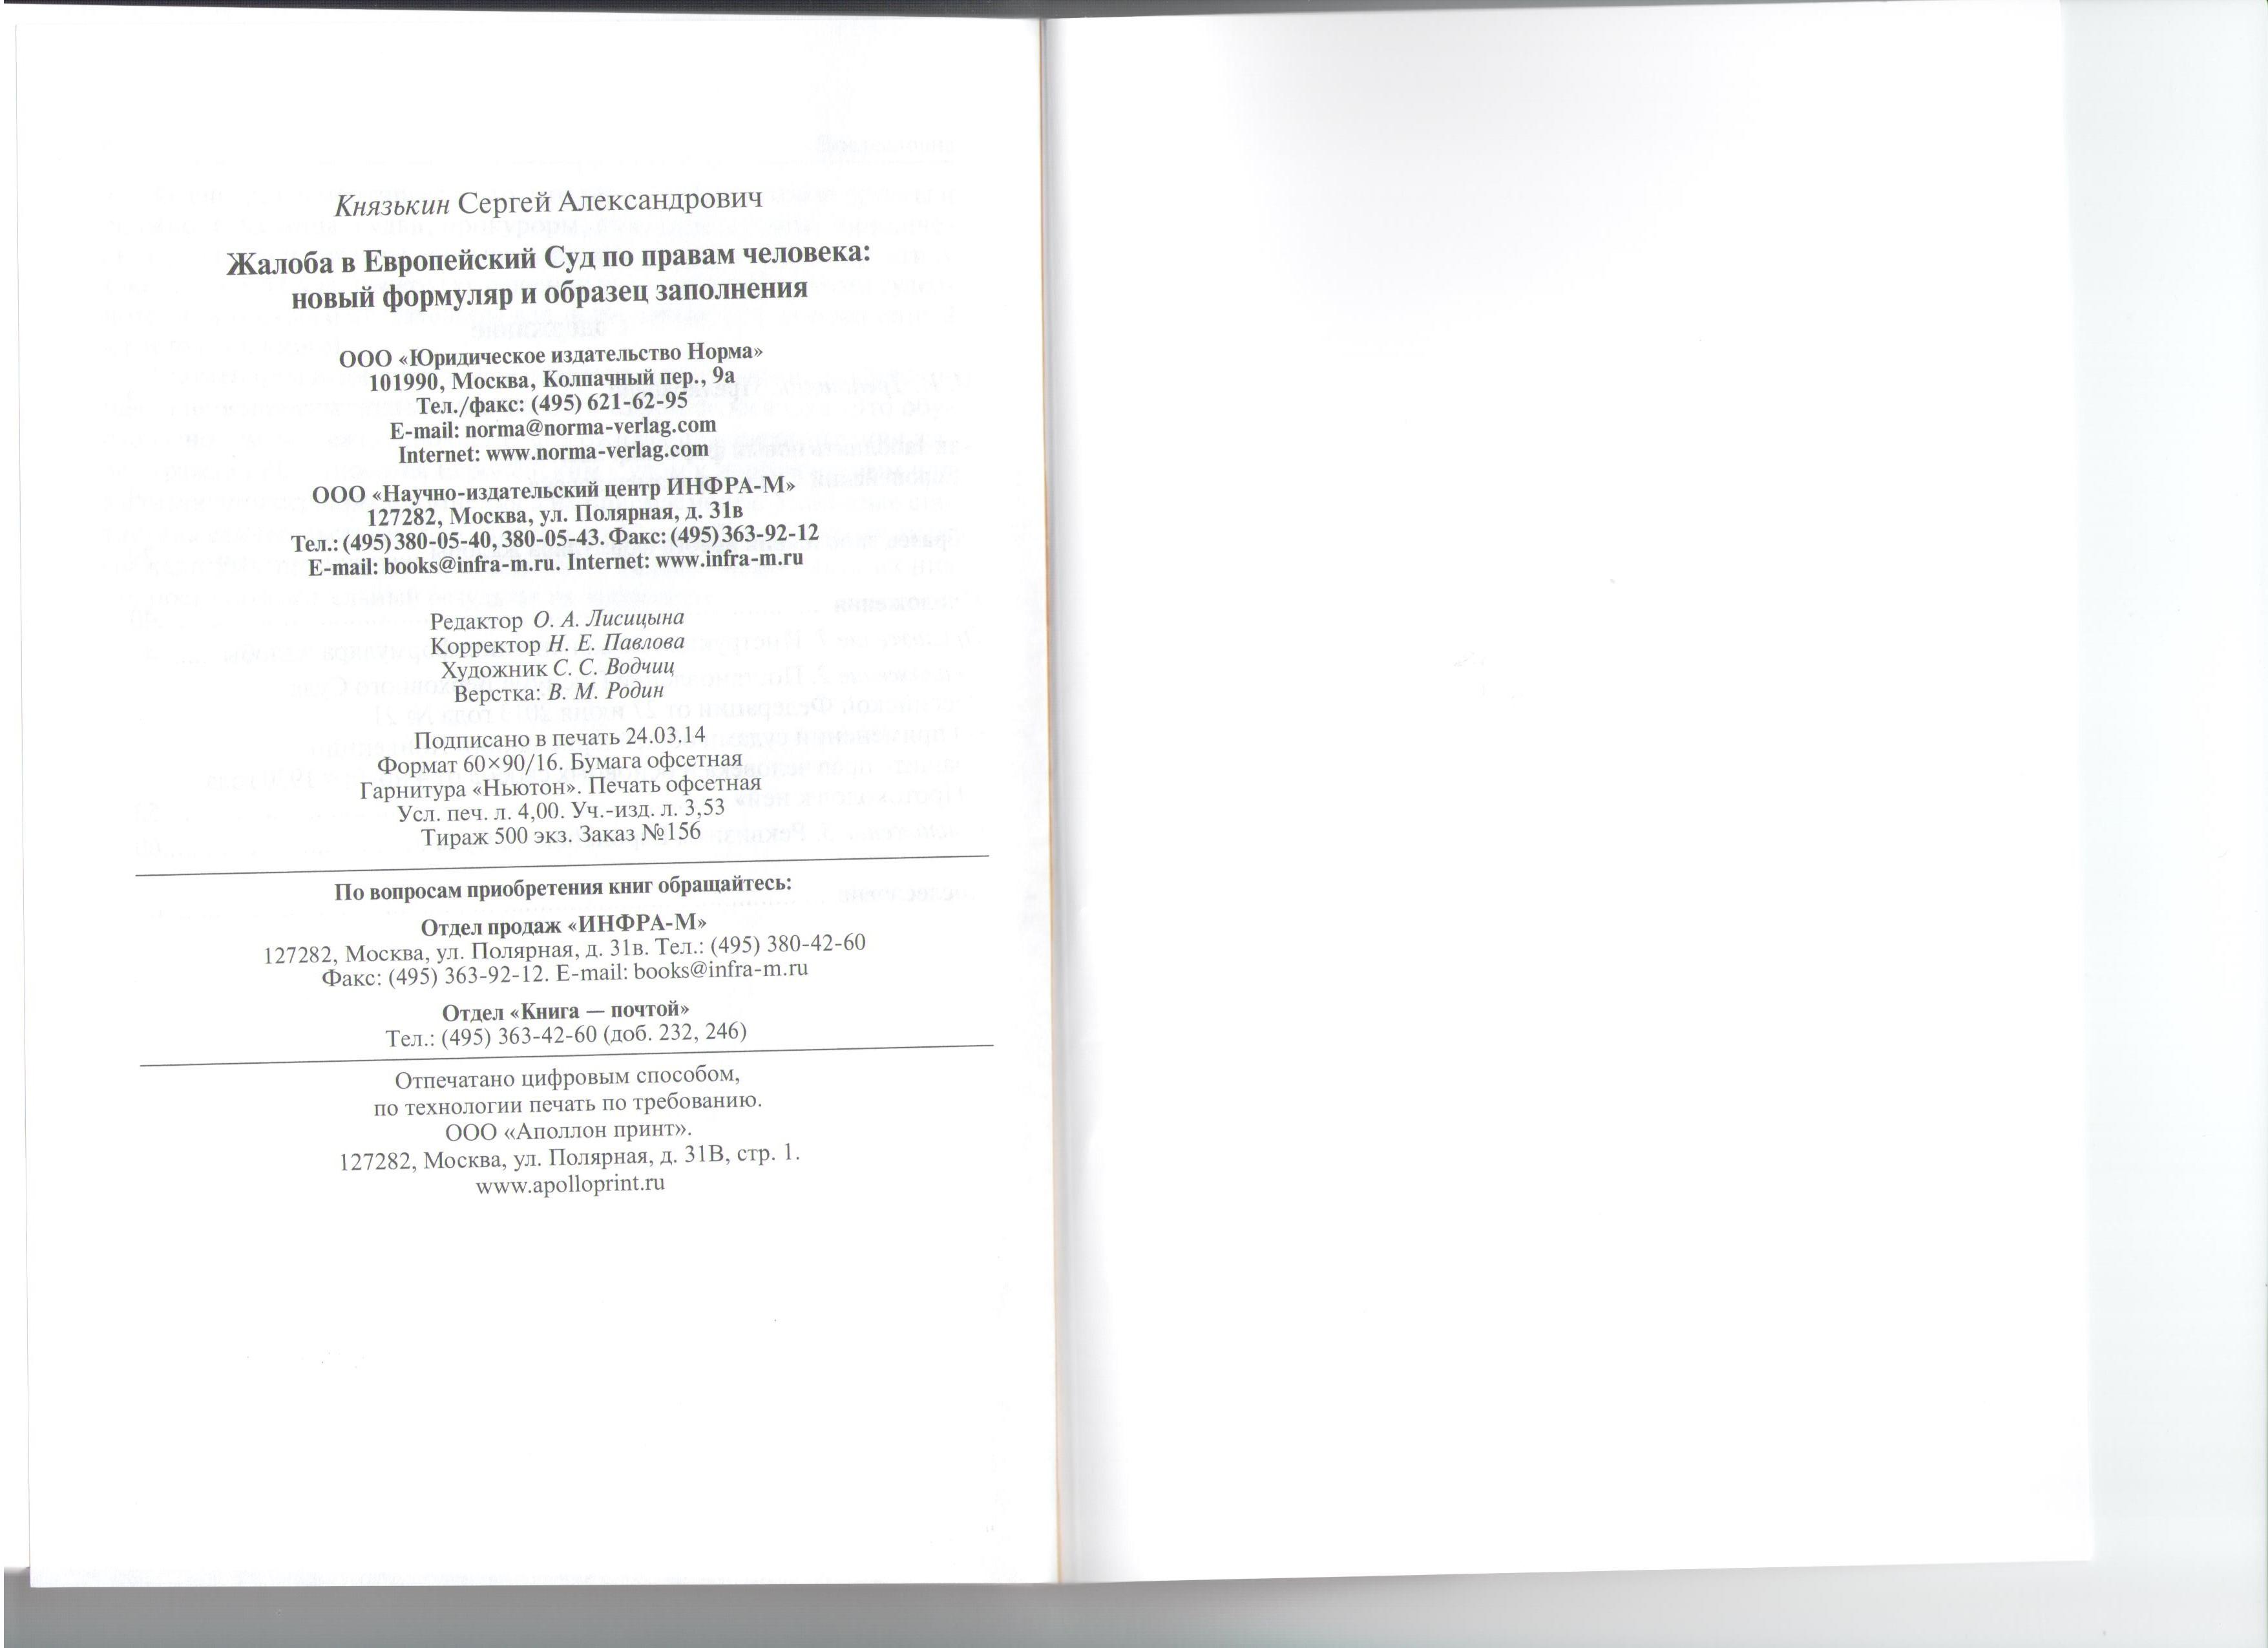 Инструкция по заполнению нового формуляра жалобы в еспч